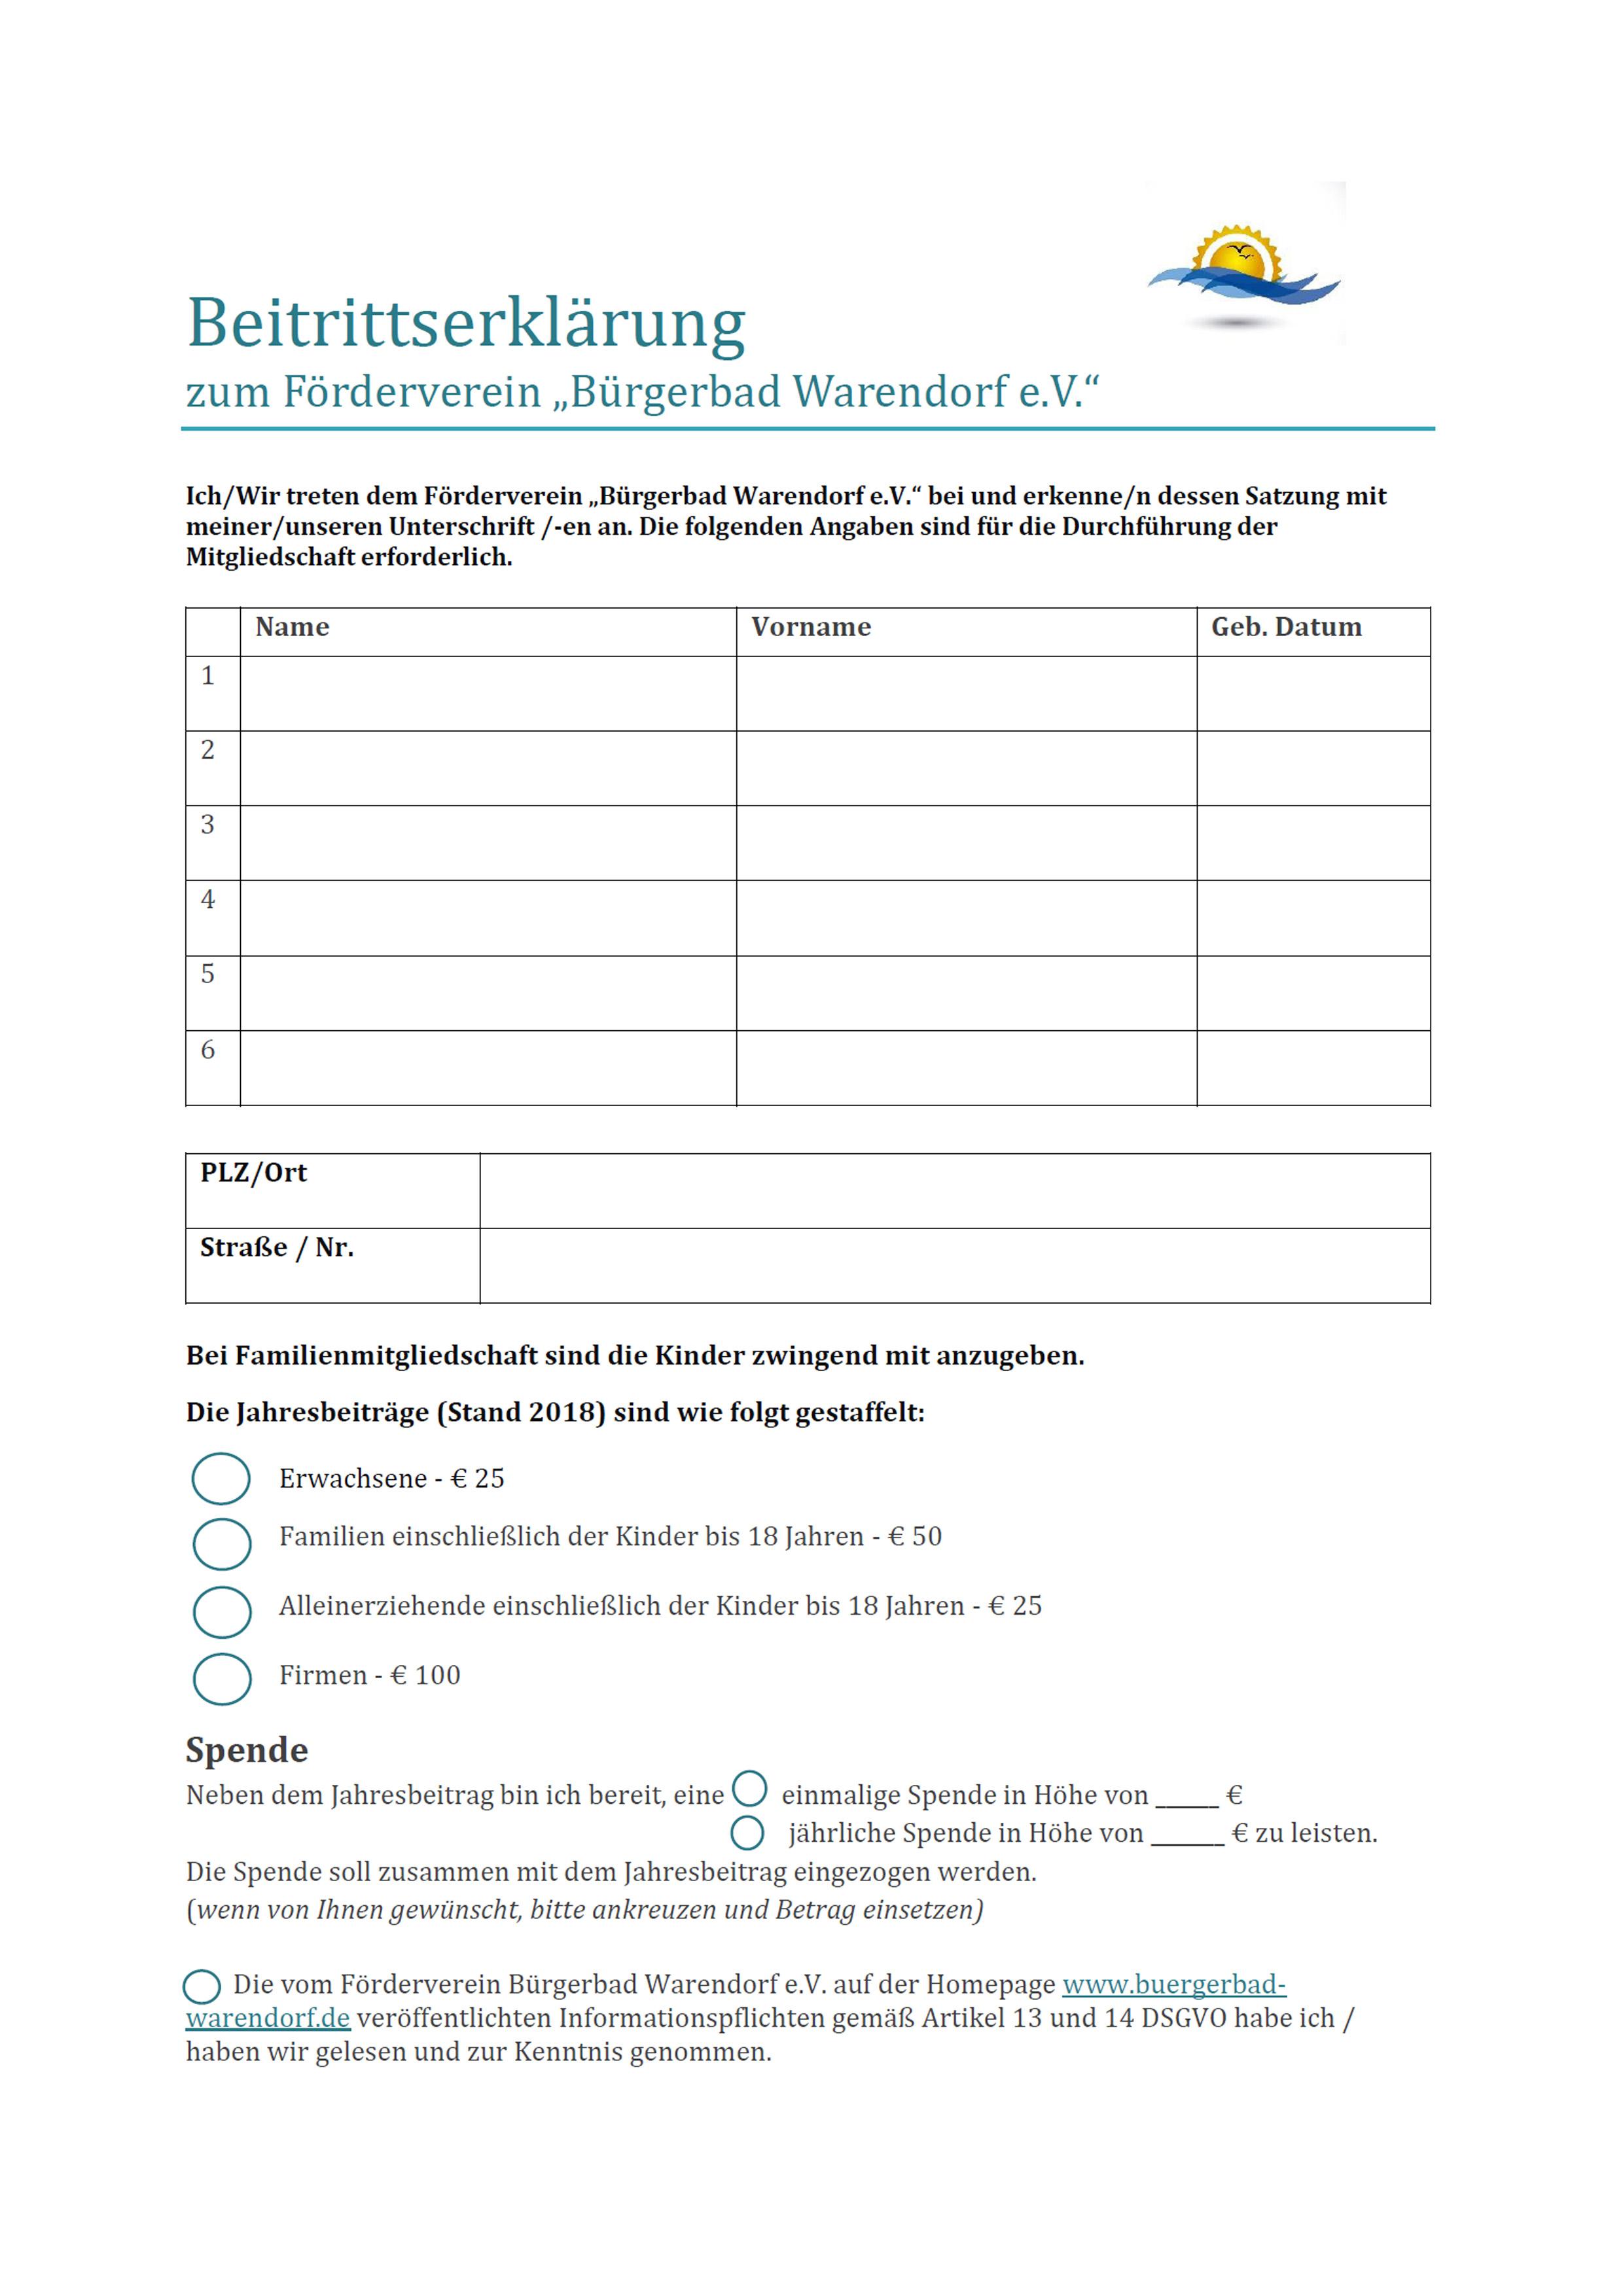 Beitrittserklärung für die Mitgliedschaft